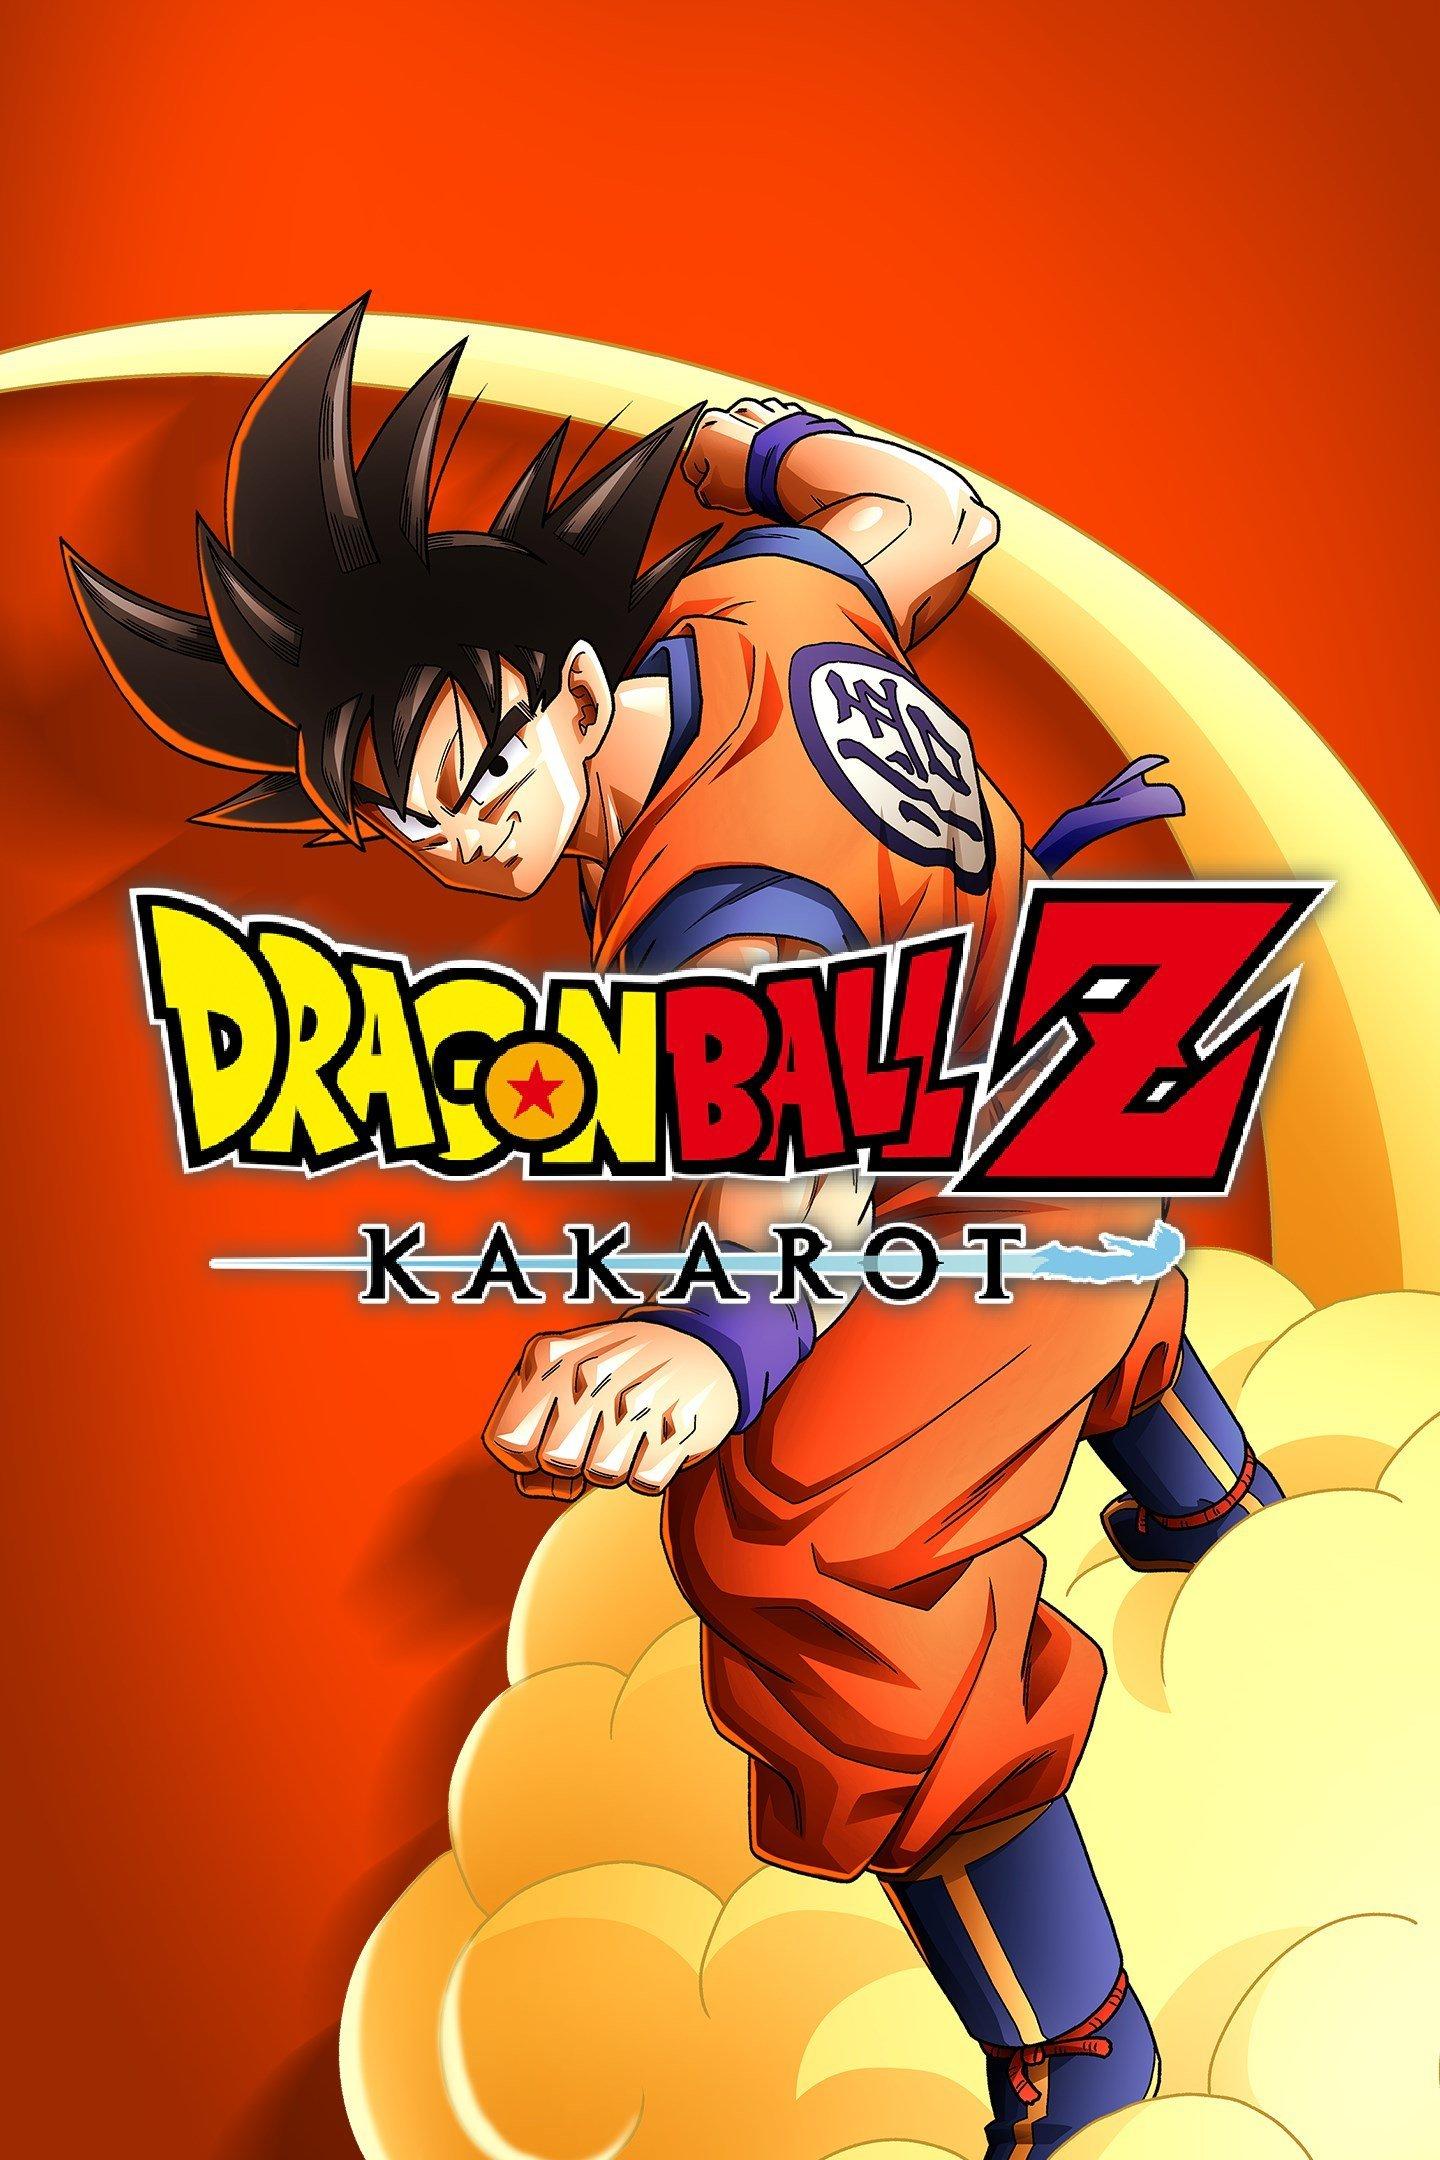 Dragon Ball Z: Kakarot [v 1.10 + DLCs] (2020) (2020)